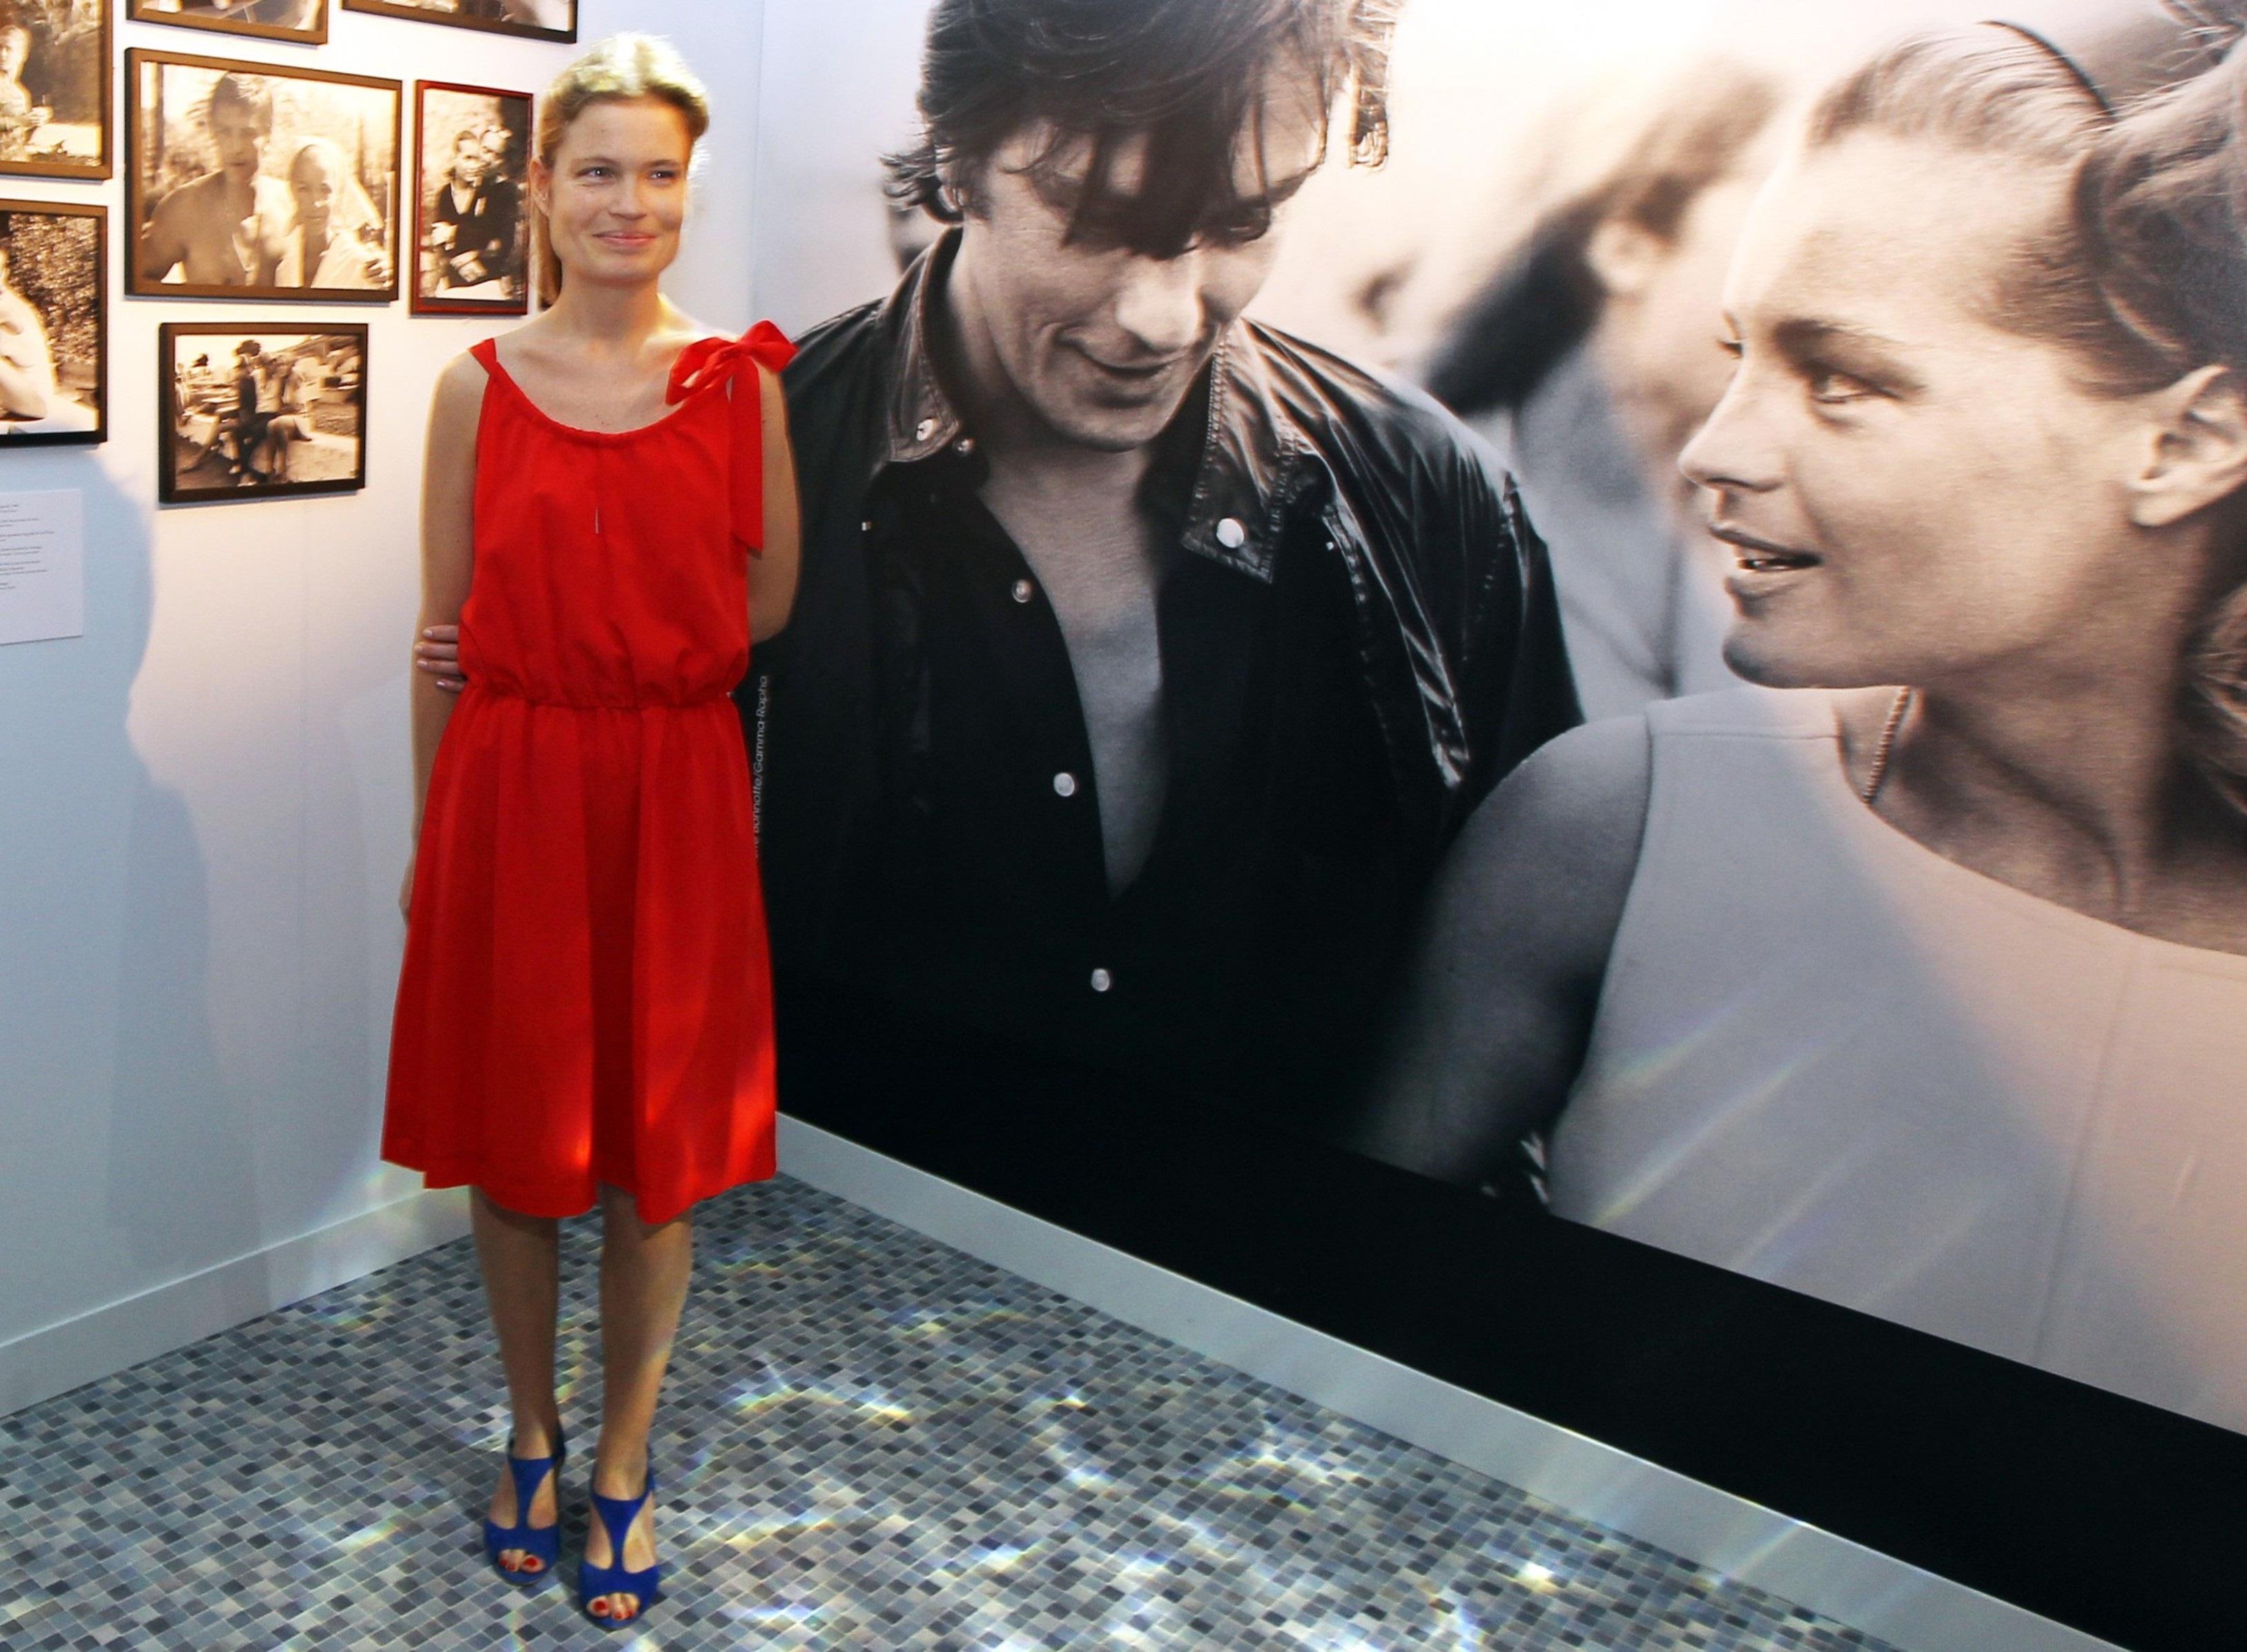 Maria schneider in last tango in paris 1973 - 2 7